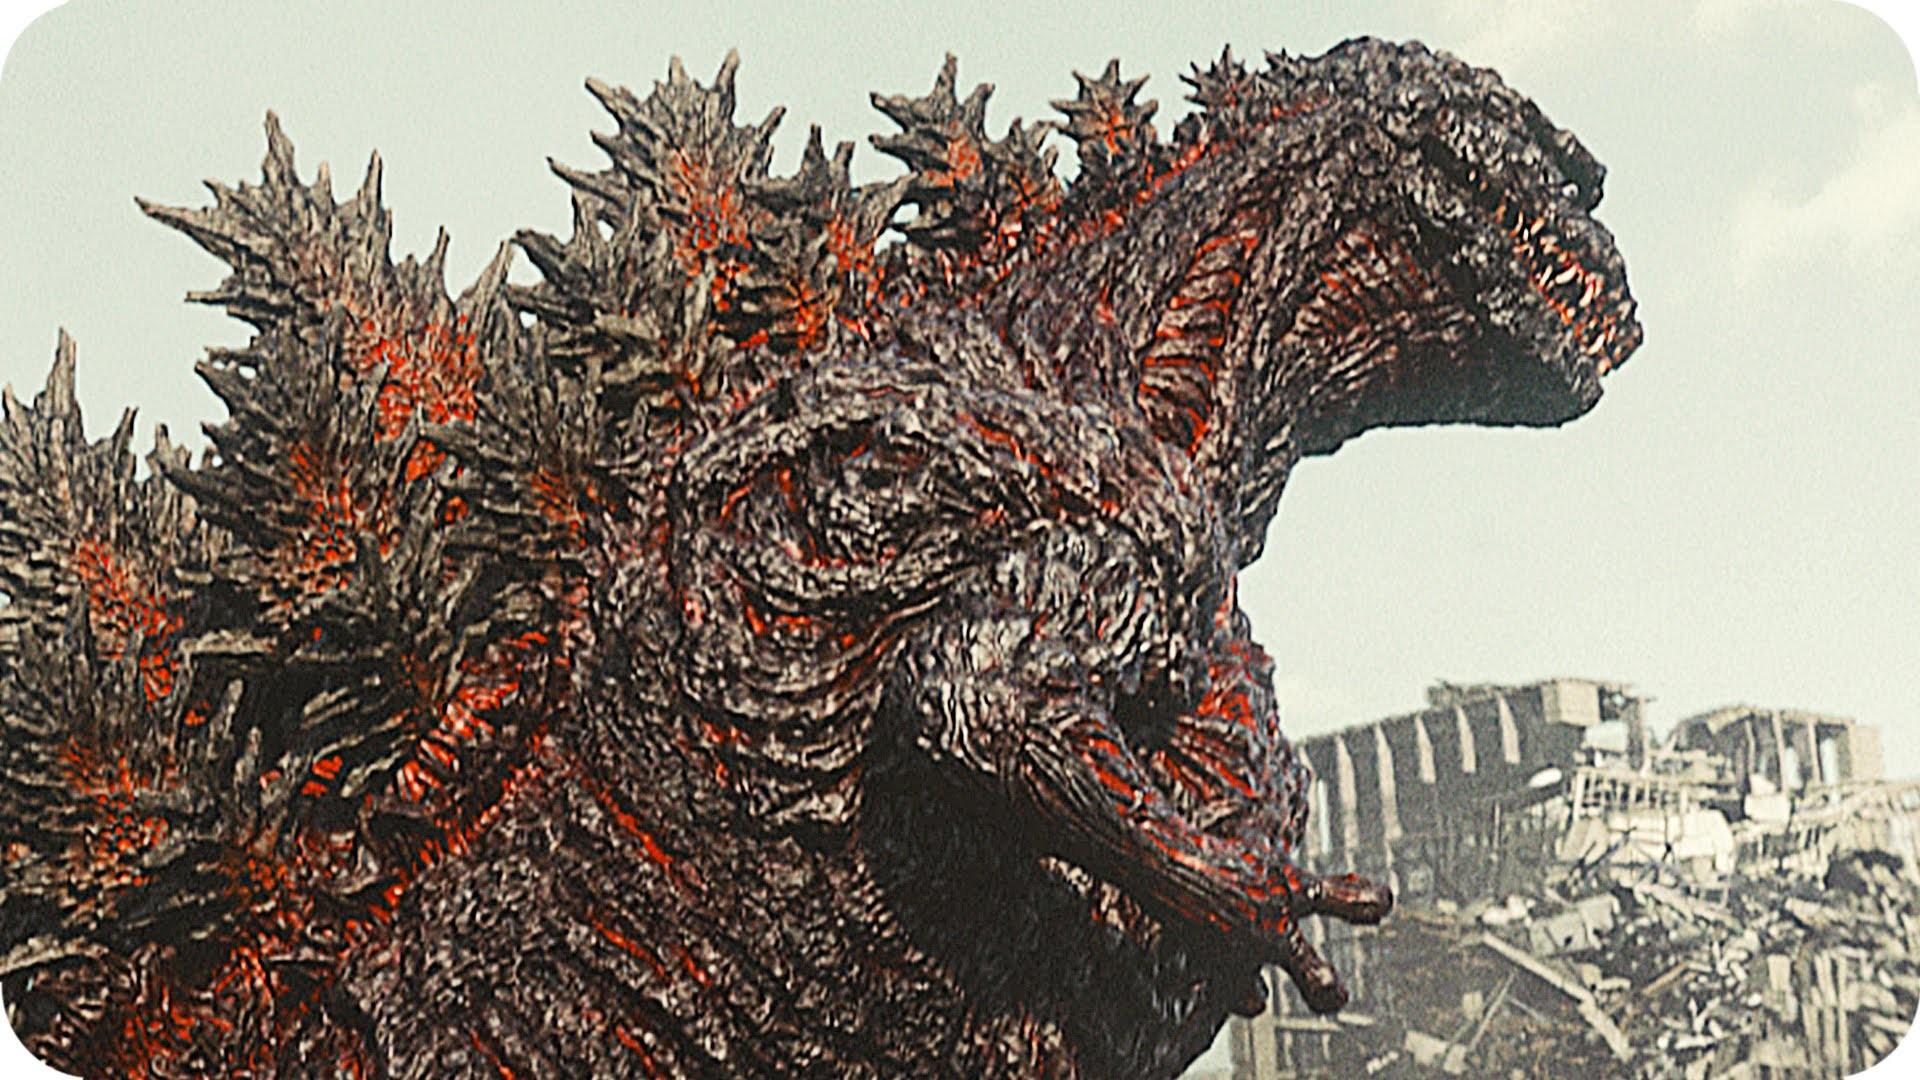 Godzilla-Wallpapers-1